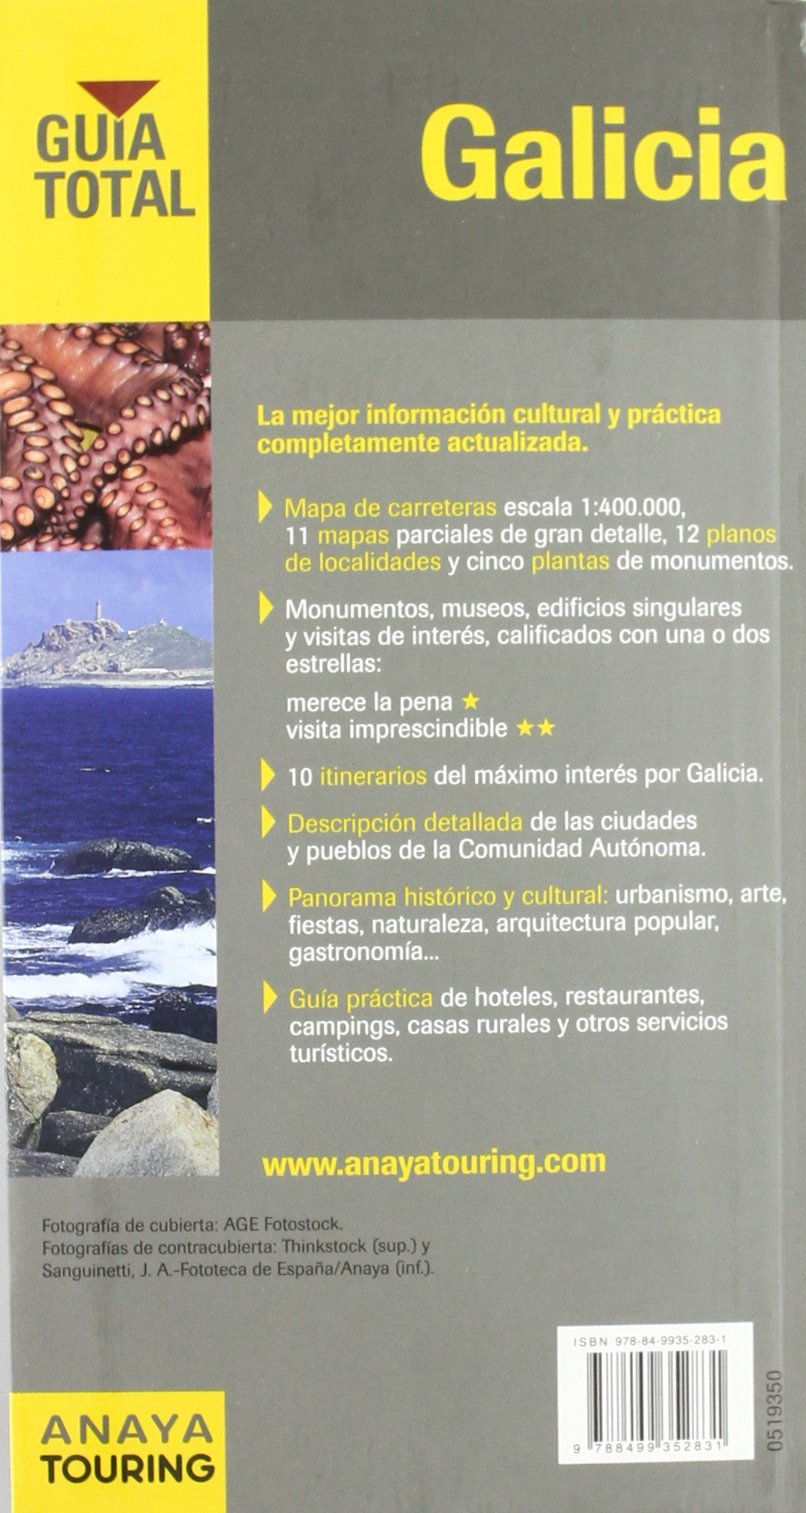 Galicia (Guía Total - España): Amazon.es: Pombo Rodríguez, Antón: Libros